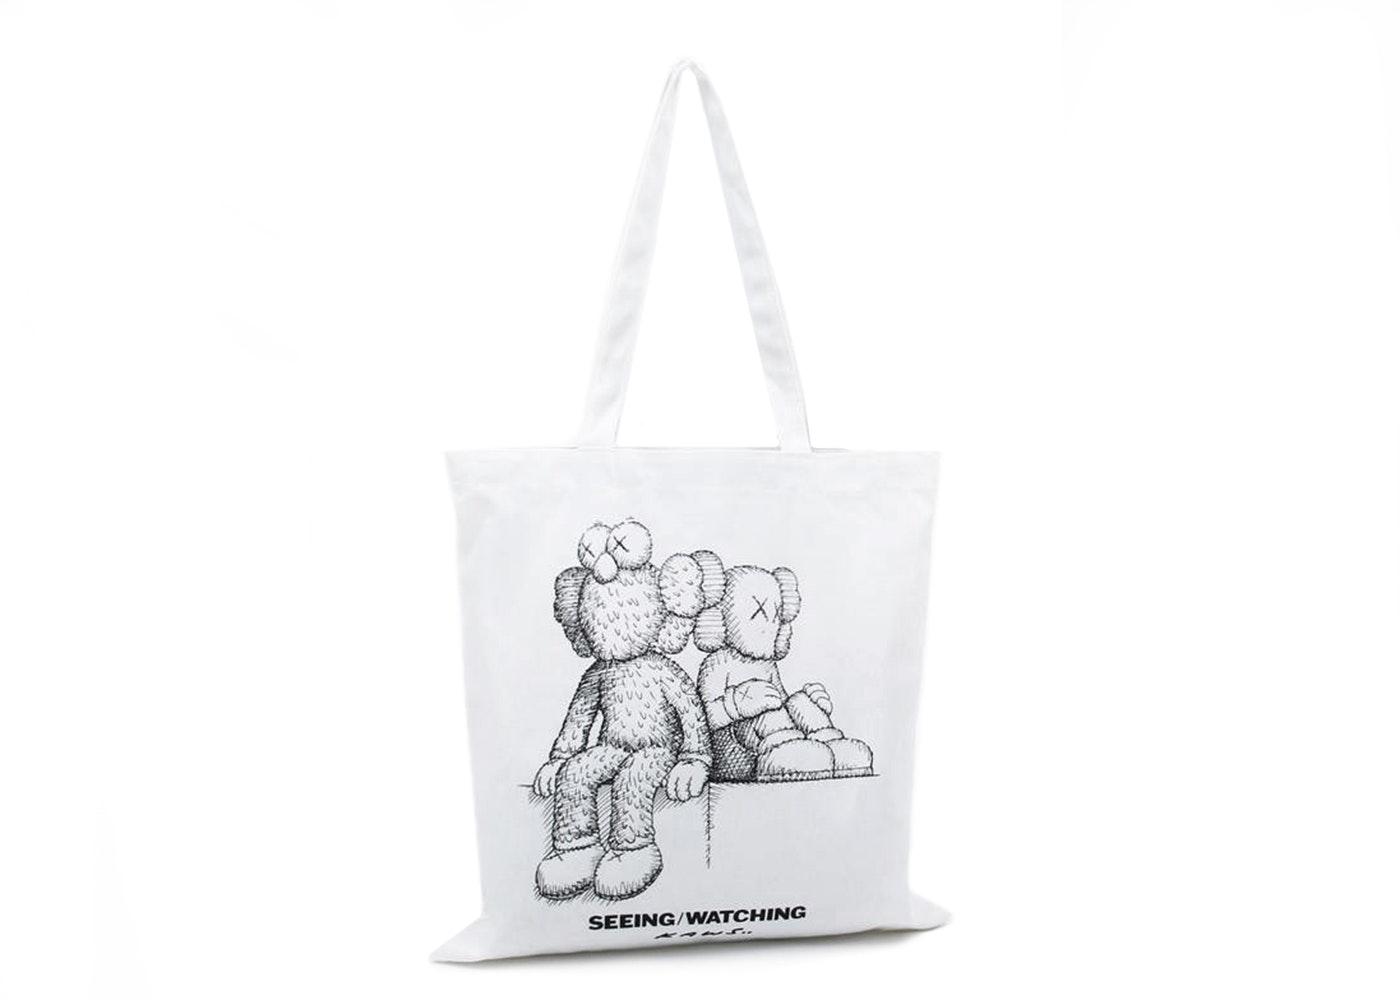 Kaws Seeing/Watching Sketch Tote Bag White